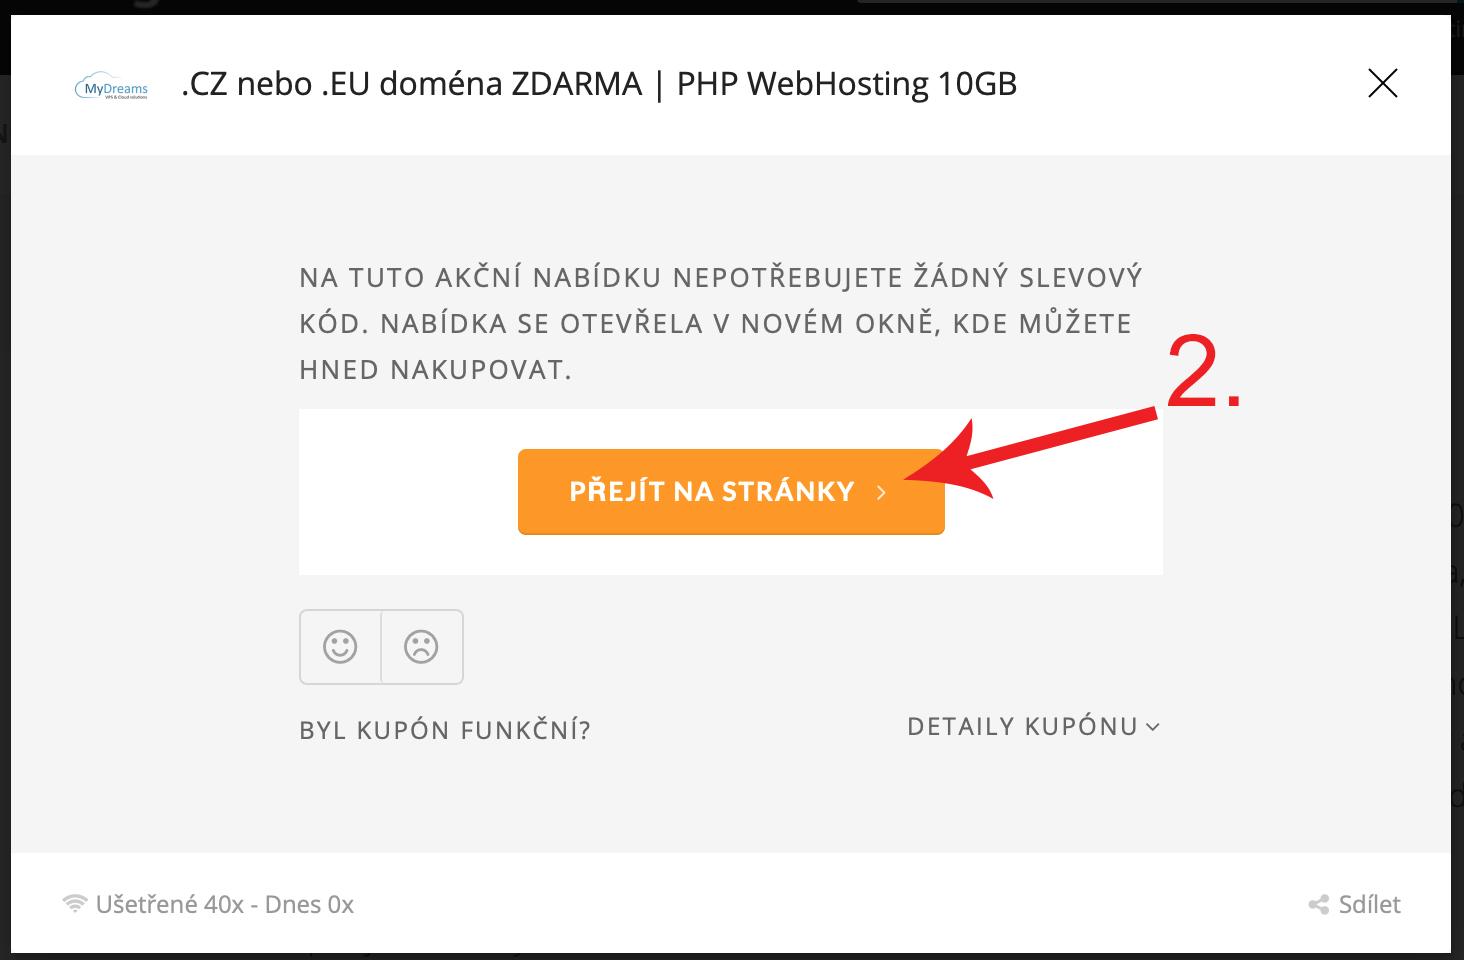 Jak použít slevu na MyDreams.cz